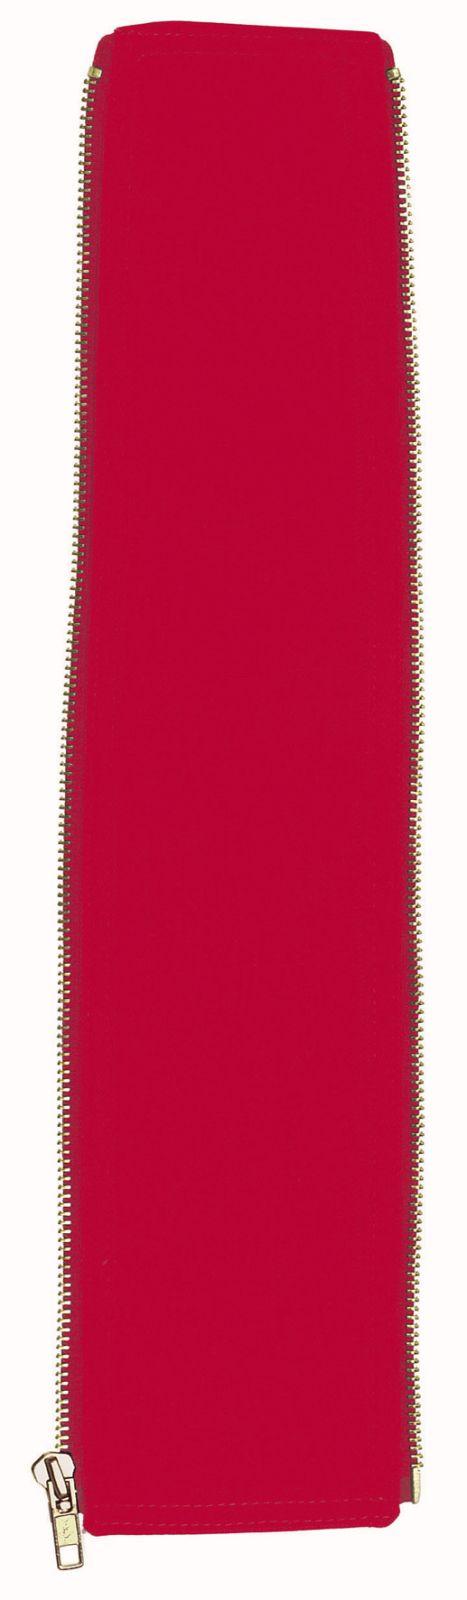 Blaklader Inzetstukken 21291860 Maatverbreder rood(5600)